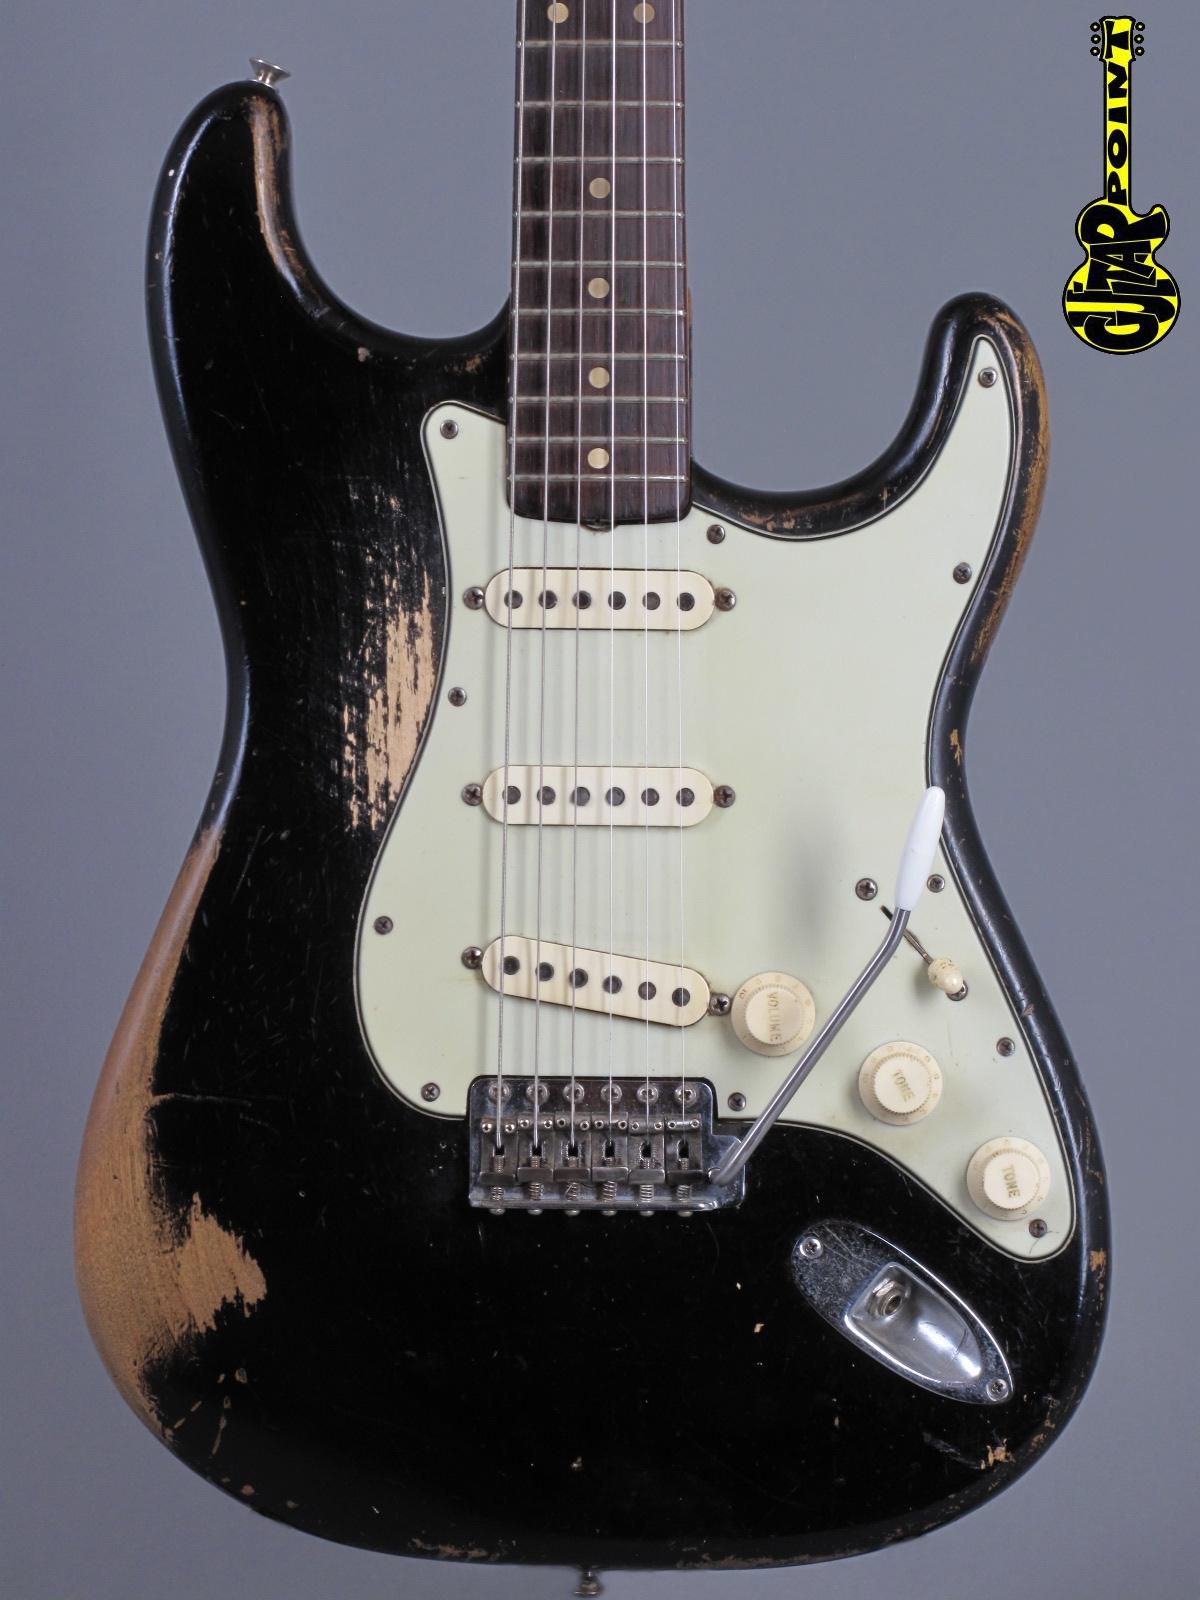 1962 Fender Stratocaster - Black